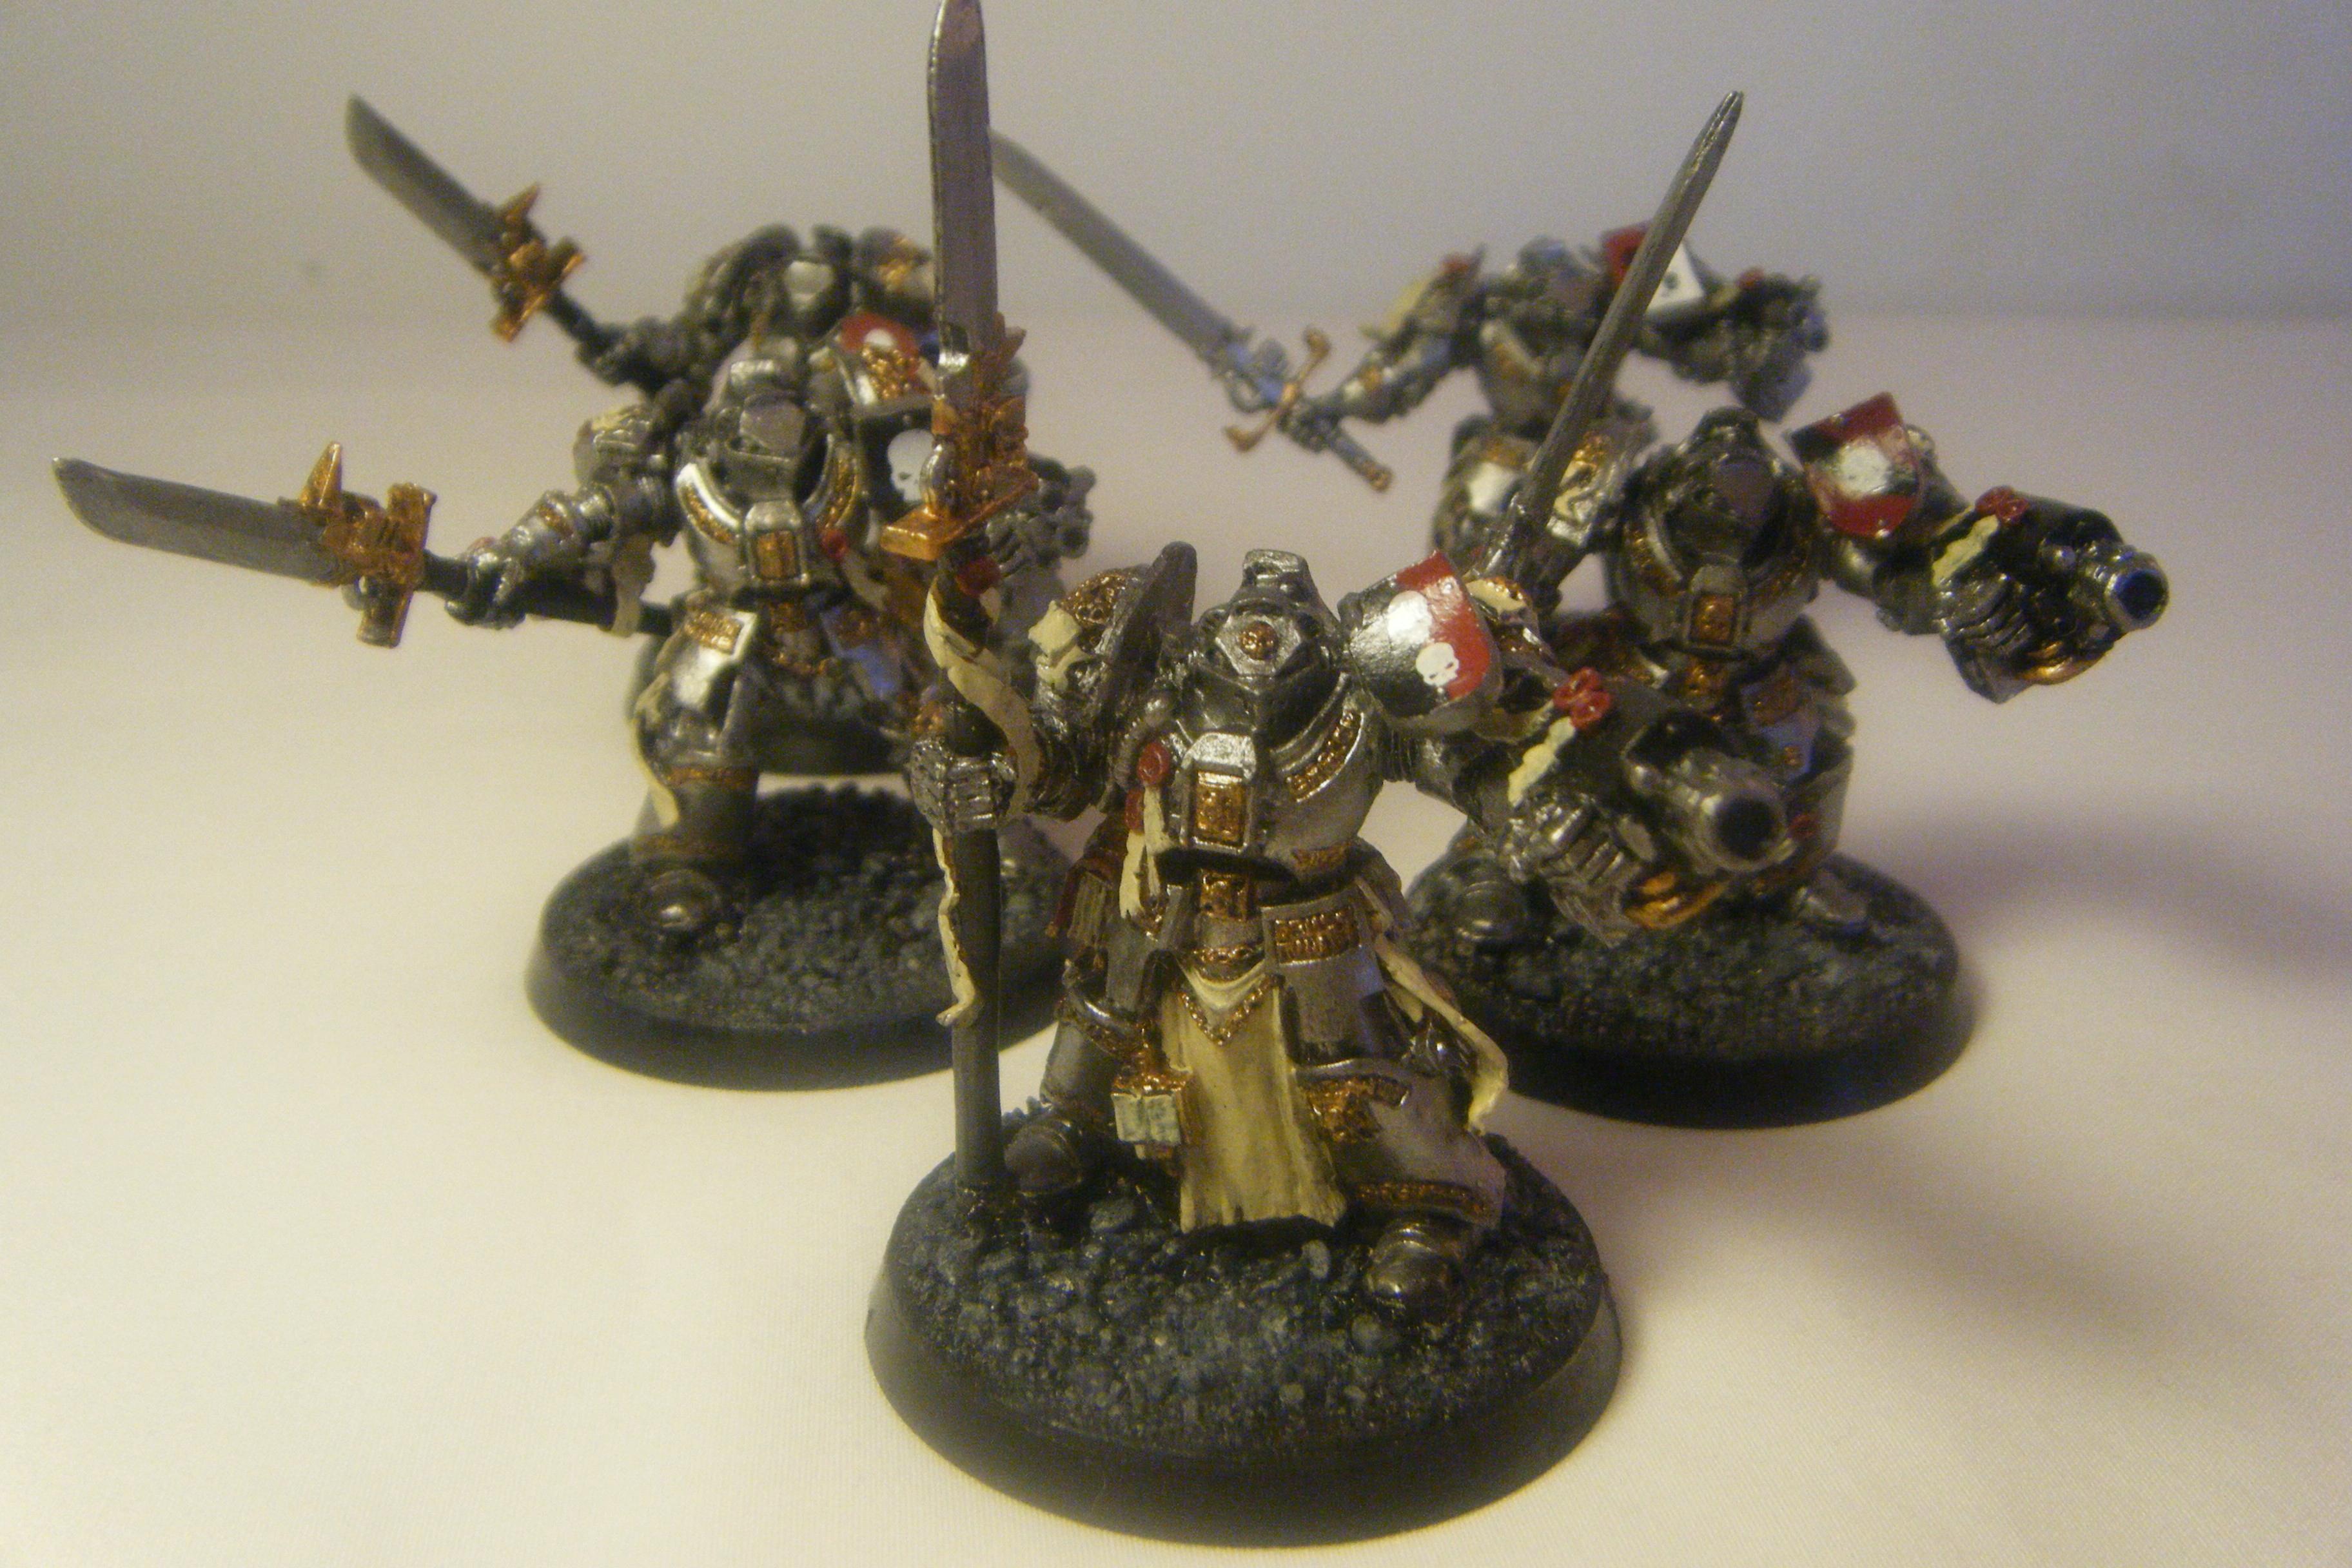 Dæmonhunters, Grey Knight Terminators, Grey Knights, Inquisition, Warhammer 40,000